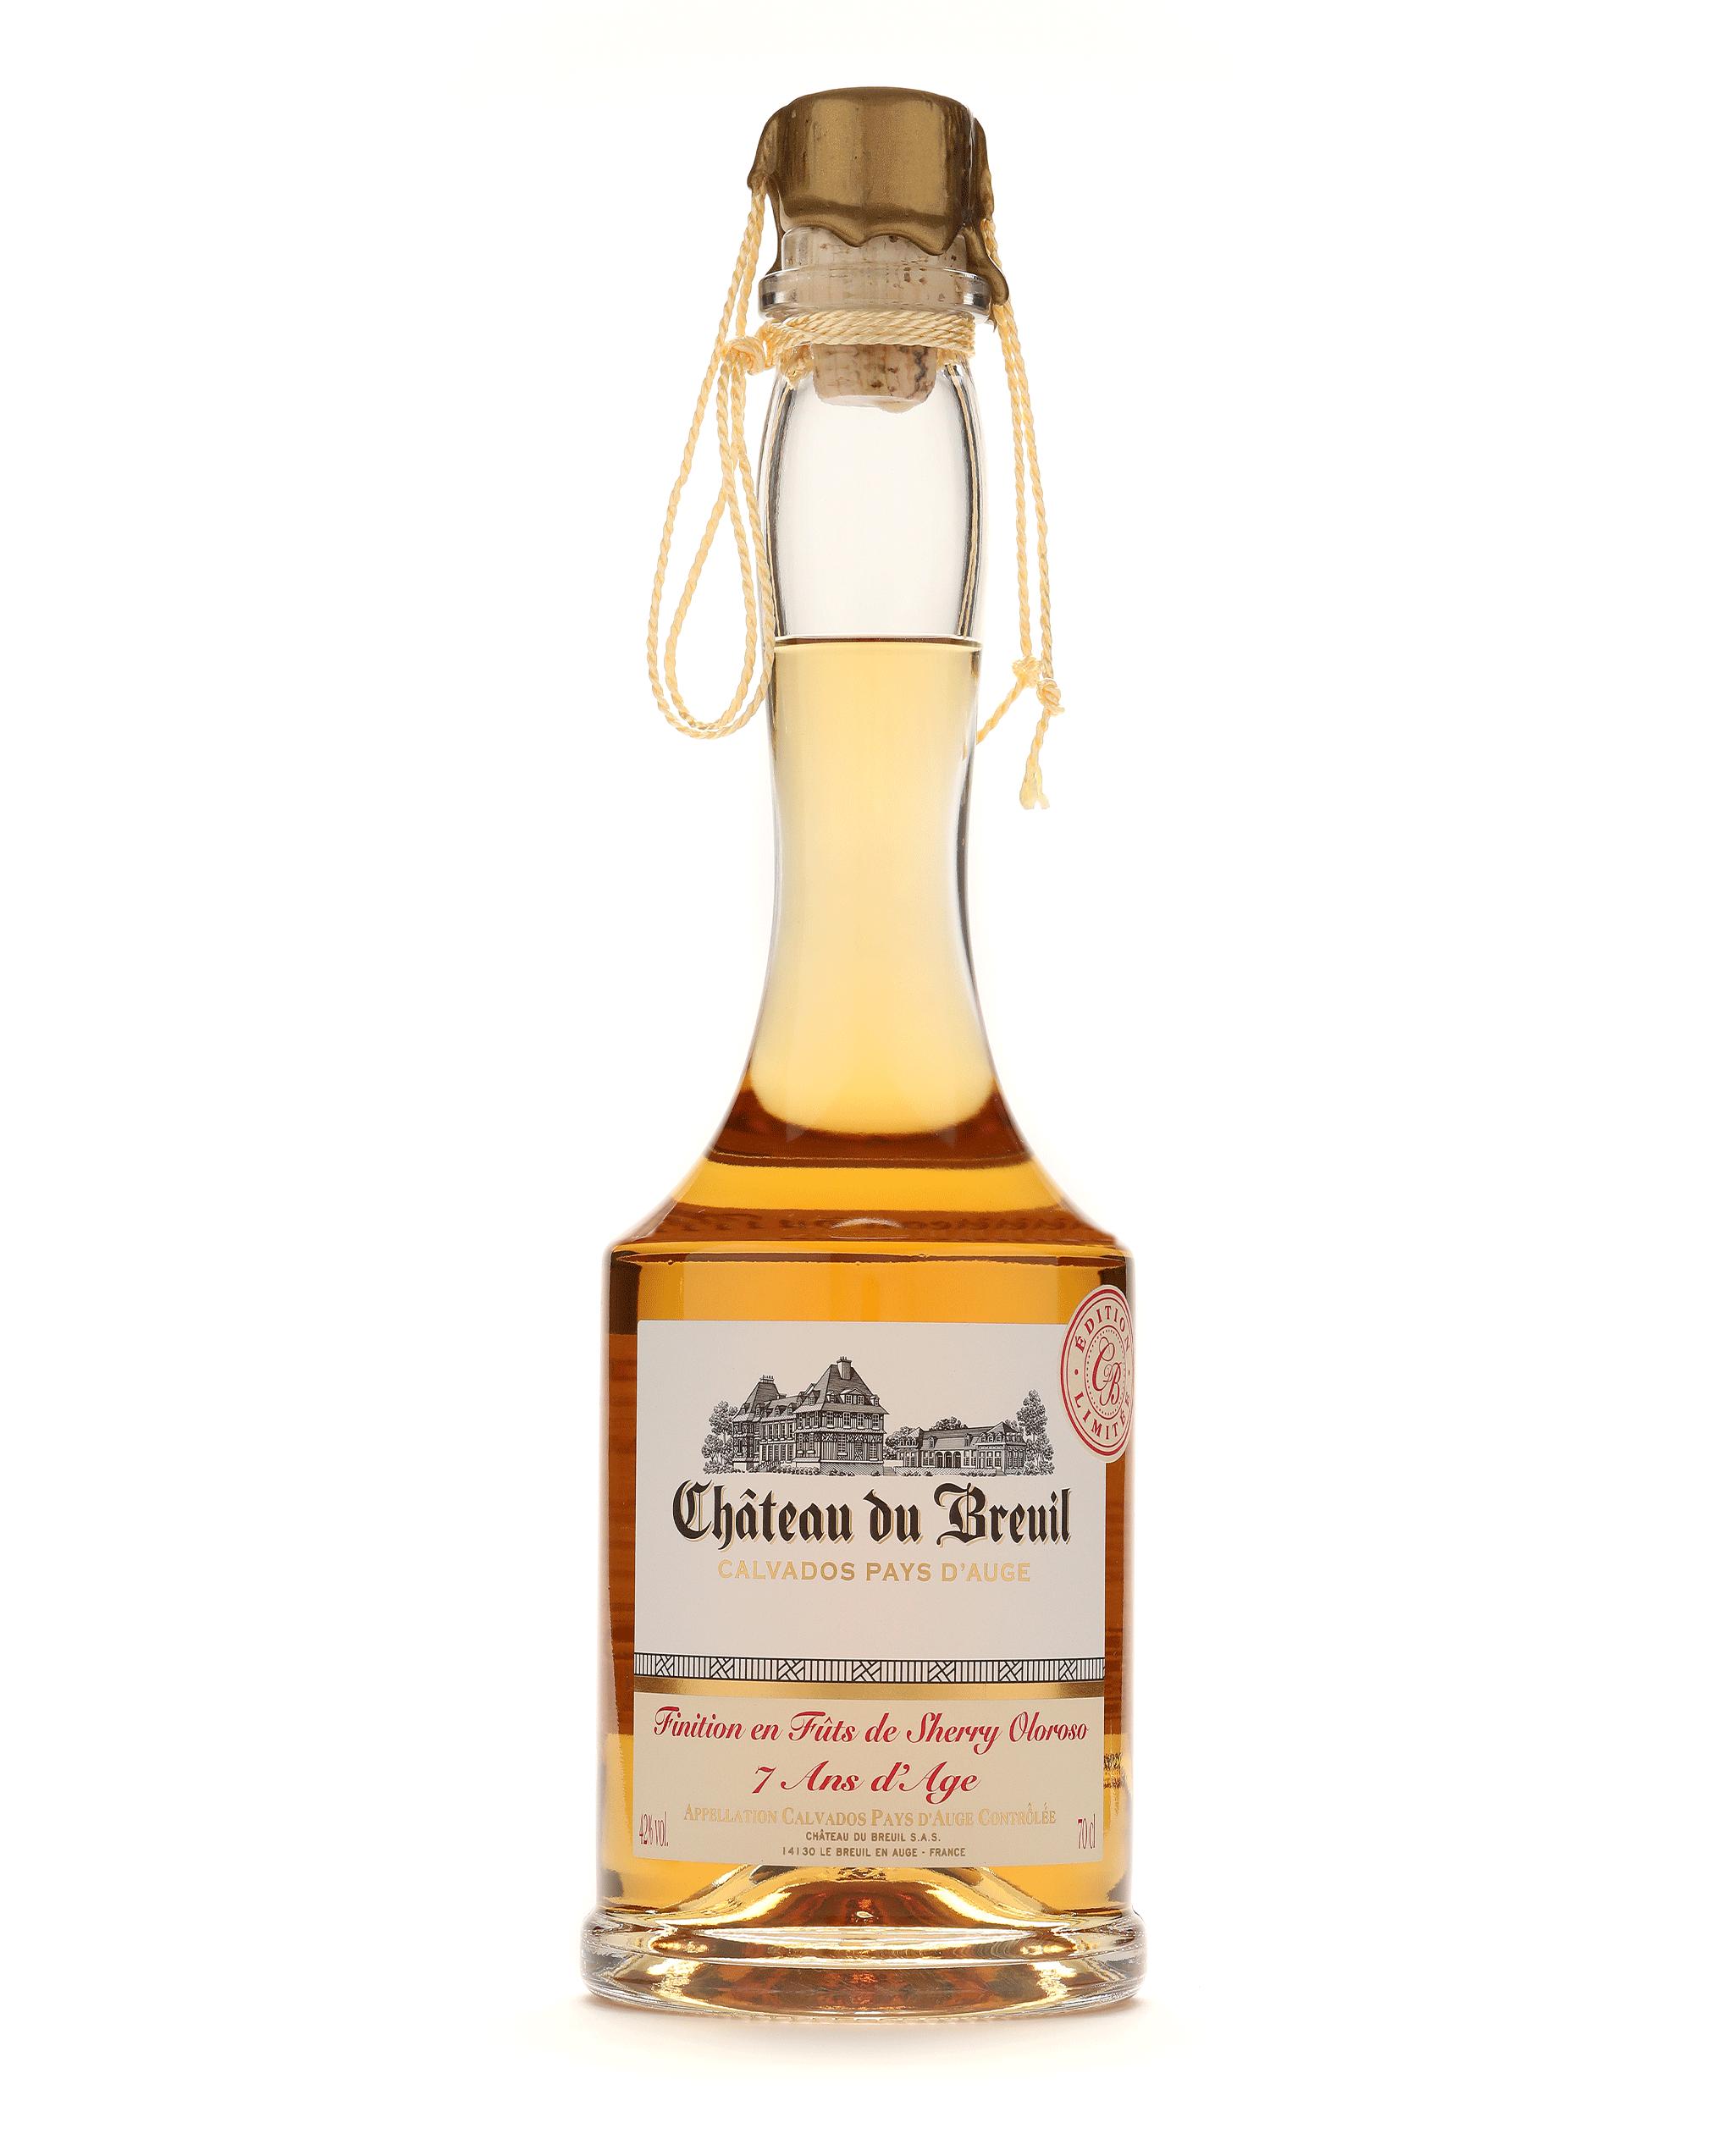 Bouteille fûts de sherry oloroso